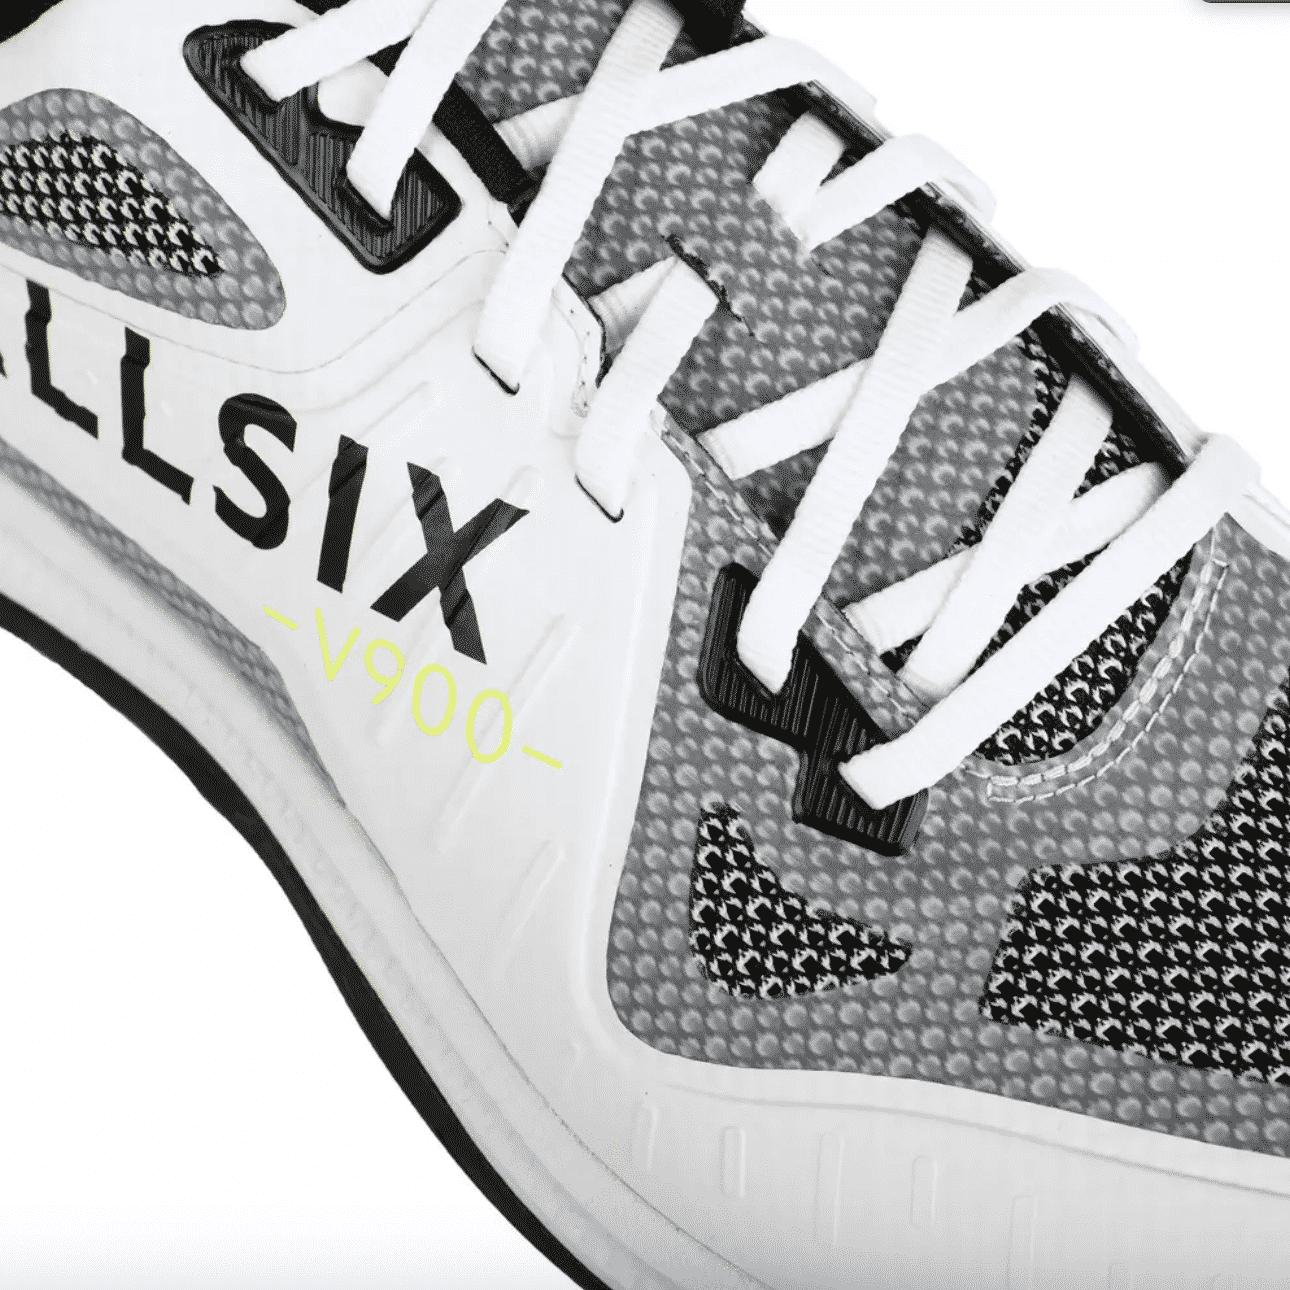 allsix-presente-ses-nouvelles-chaussures-de-volley-vs900-6